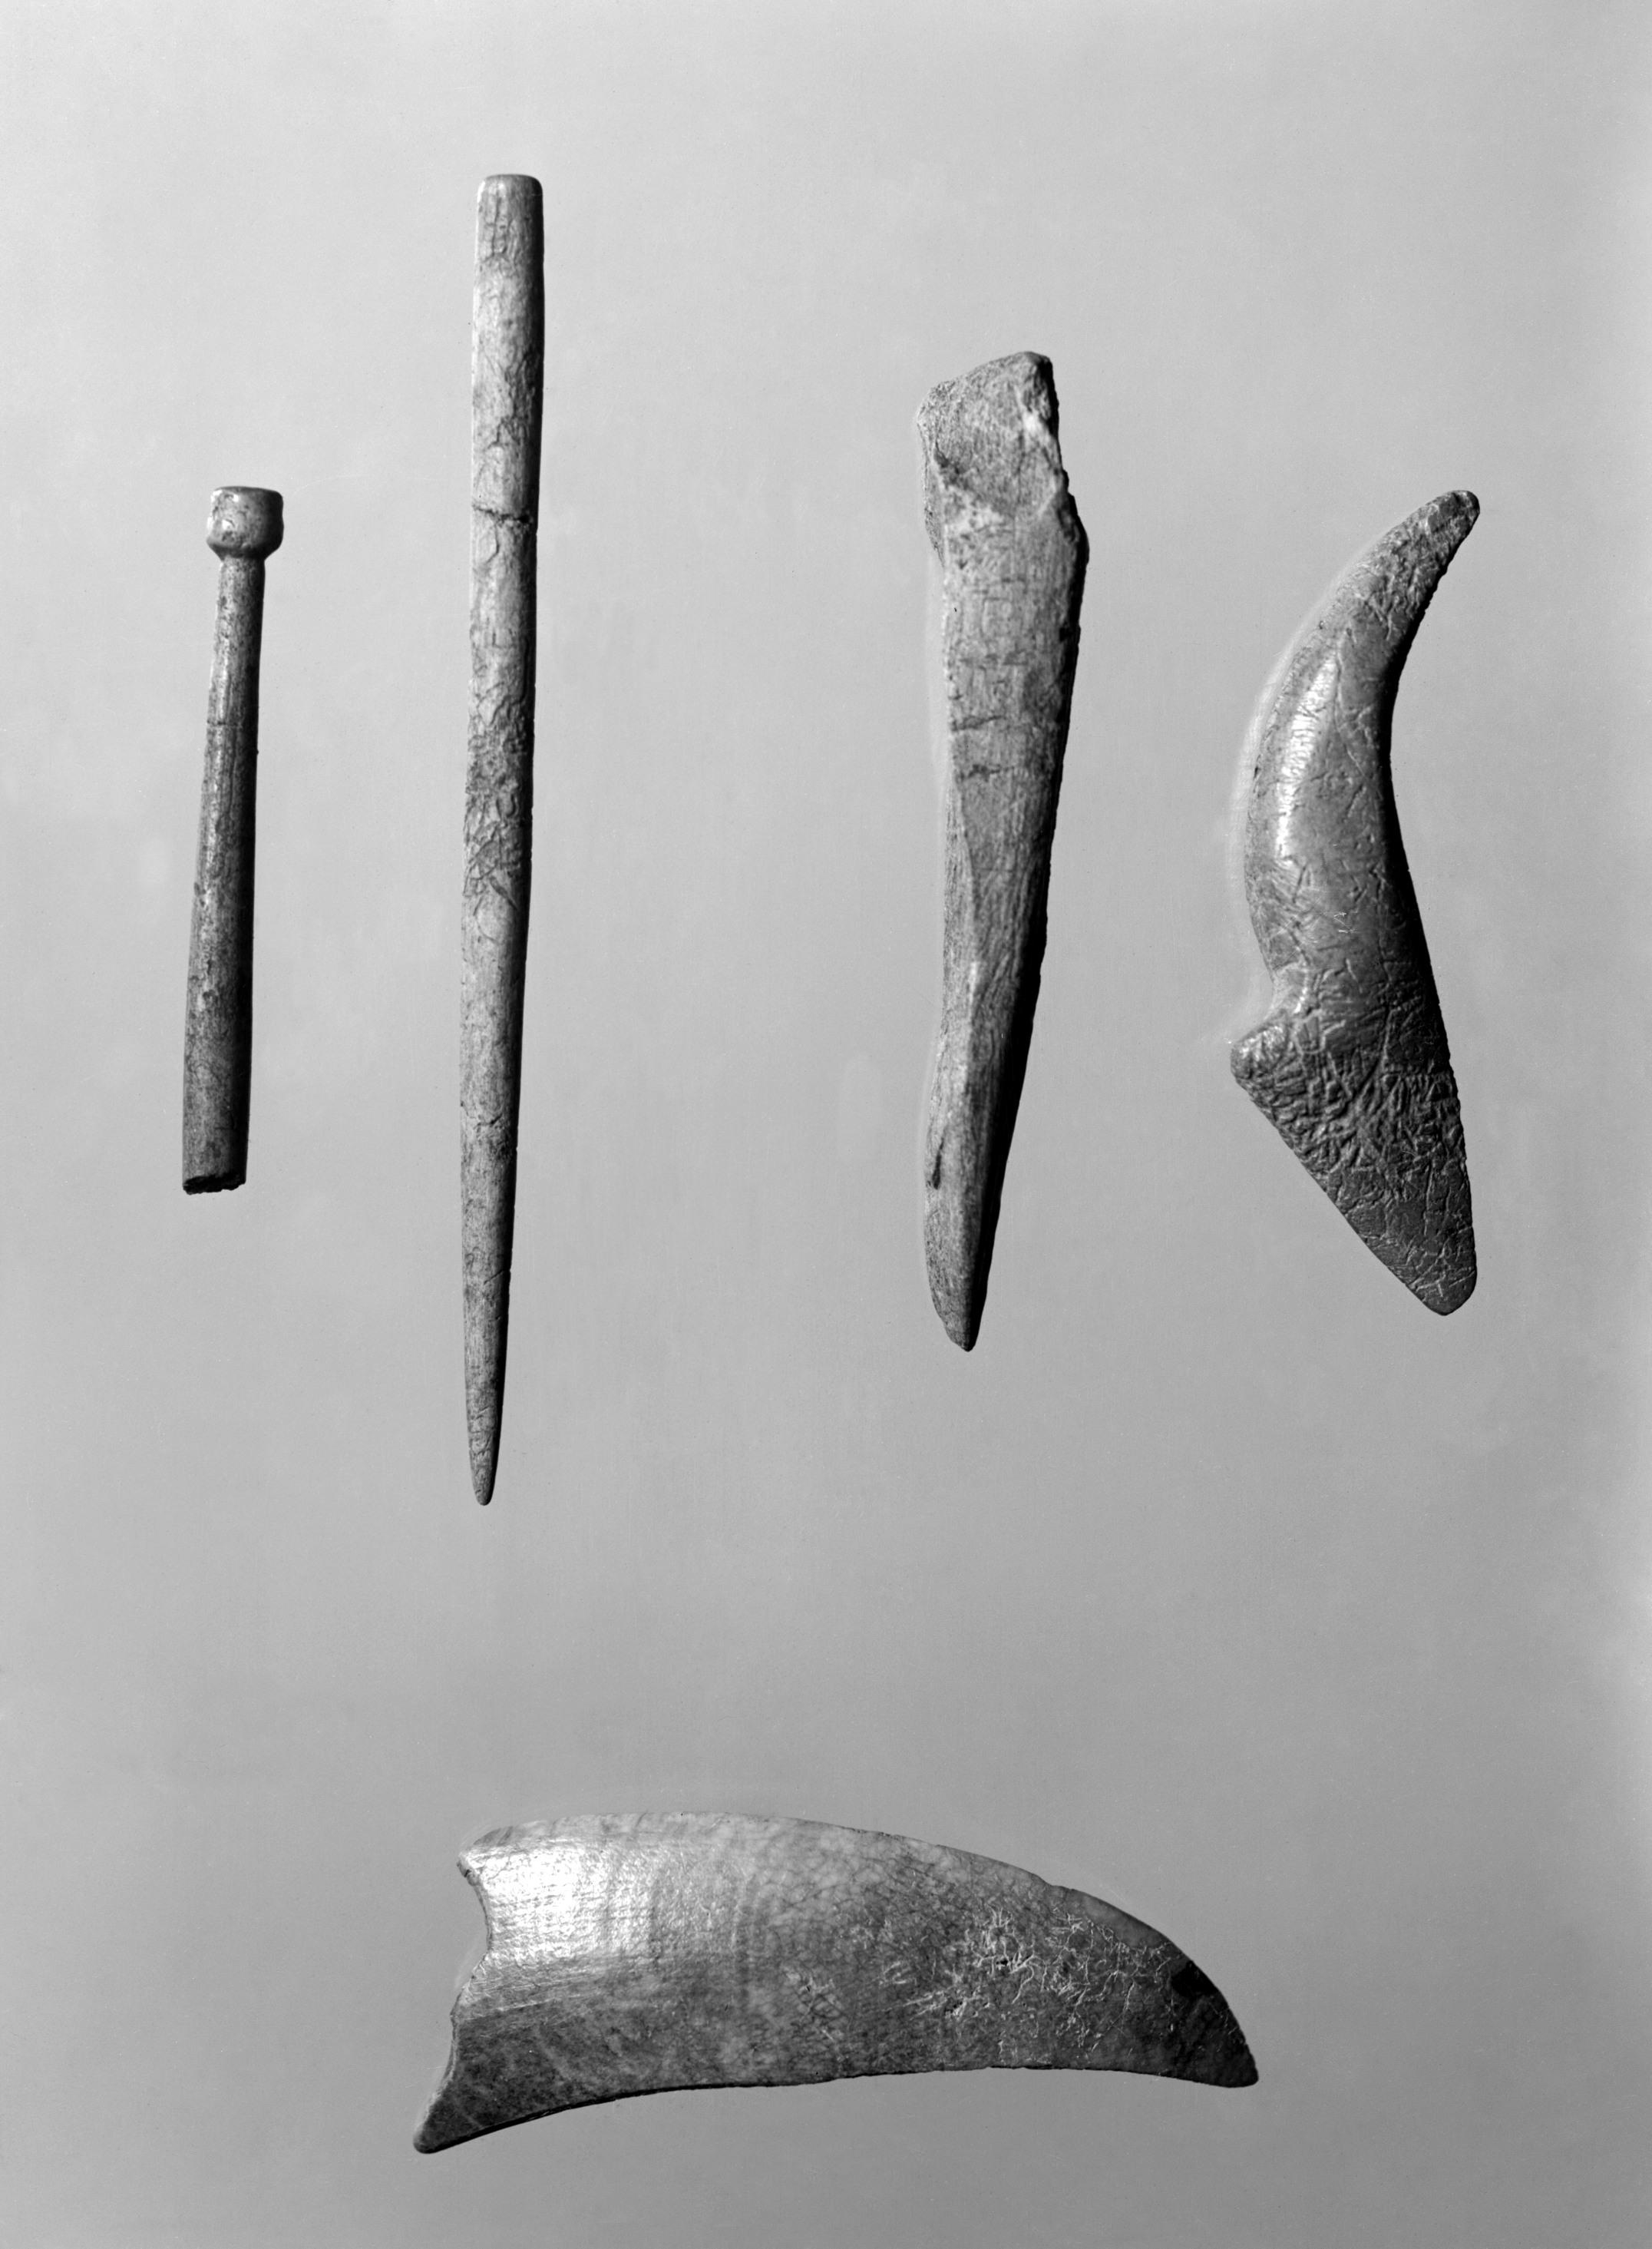 Gjenstander av bein og gevir. Over: nåler og andre gjenstander i bein og horn. Under: huggtannkniv. (Universitetsmuseet i Bergen)